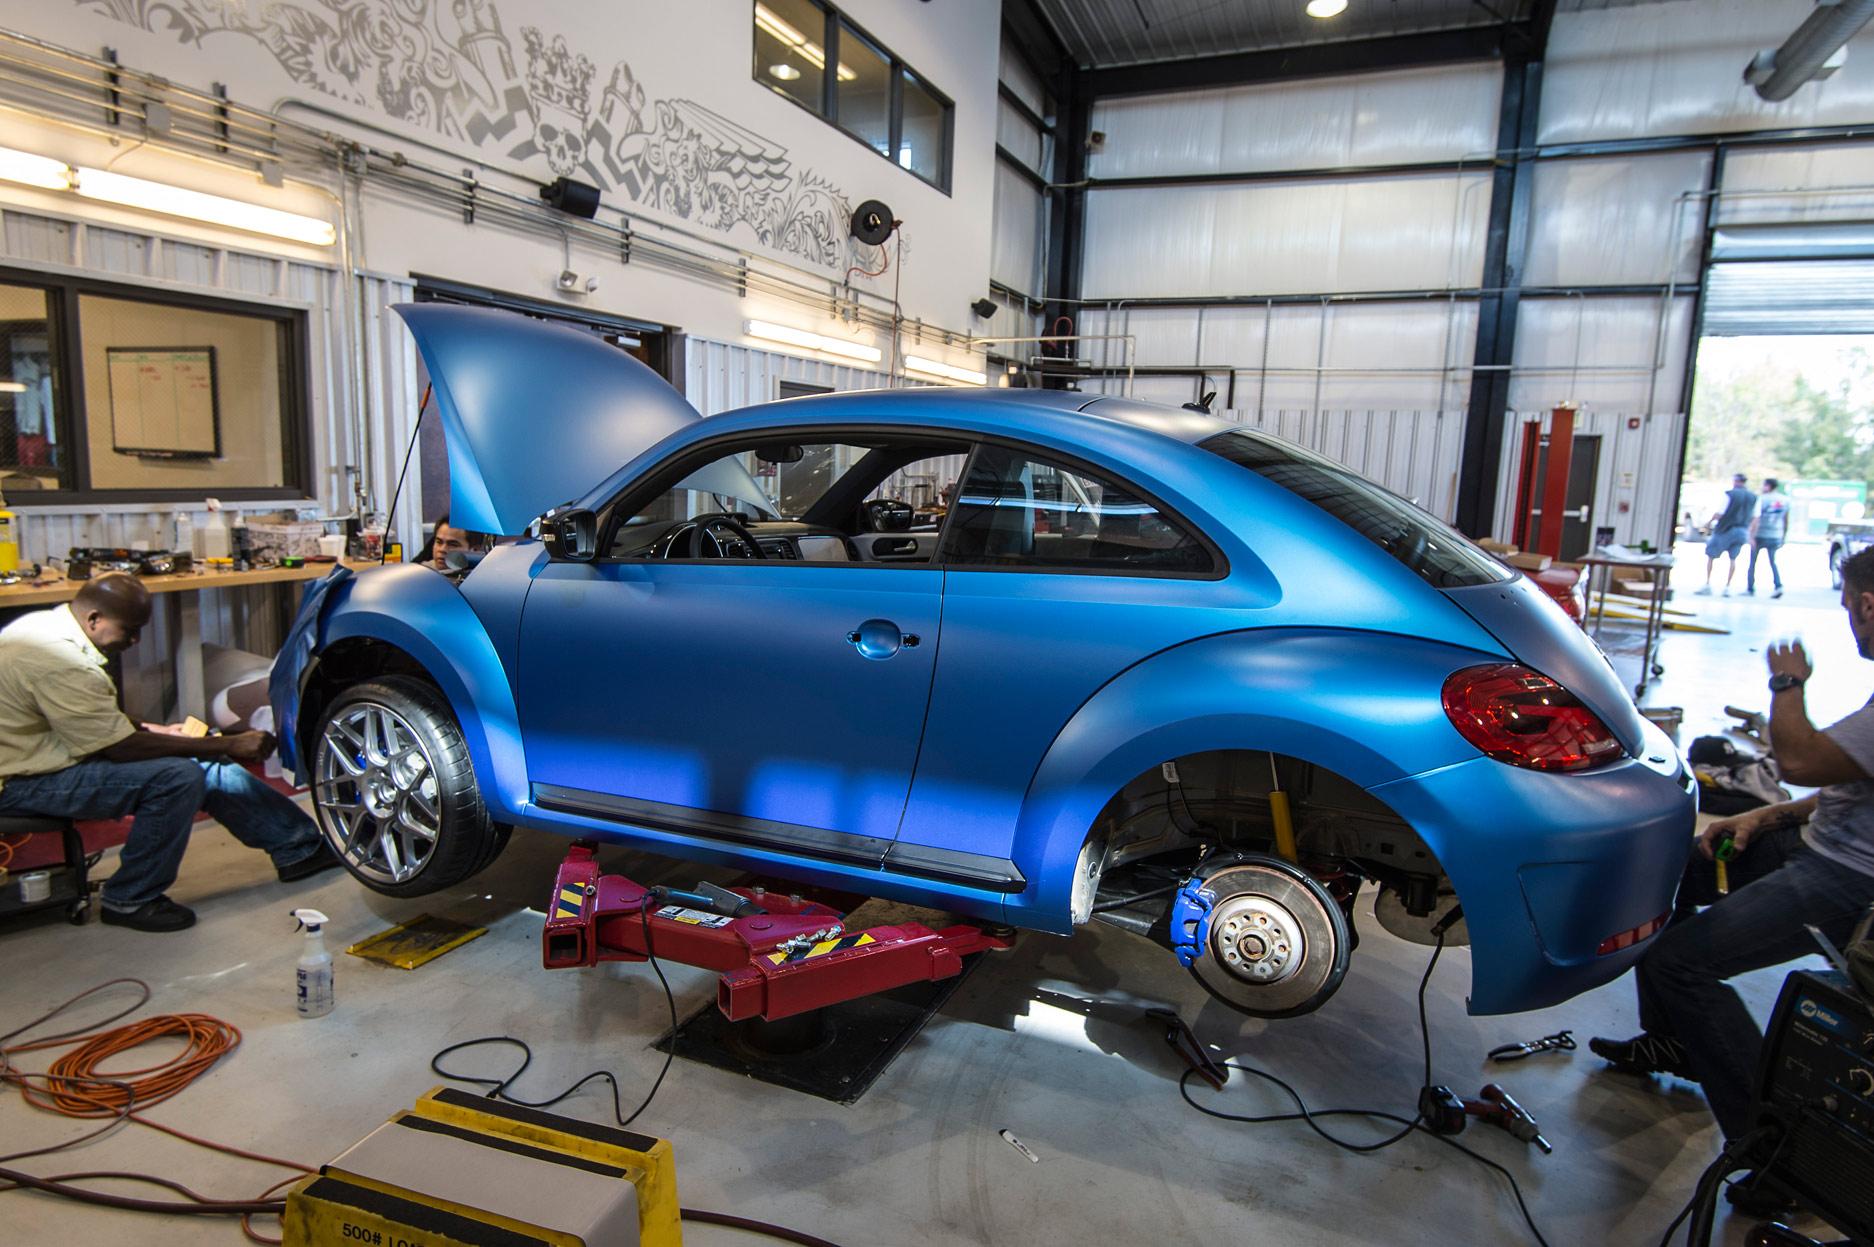 vwvortex-super-beetle-223